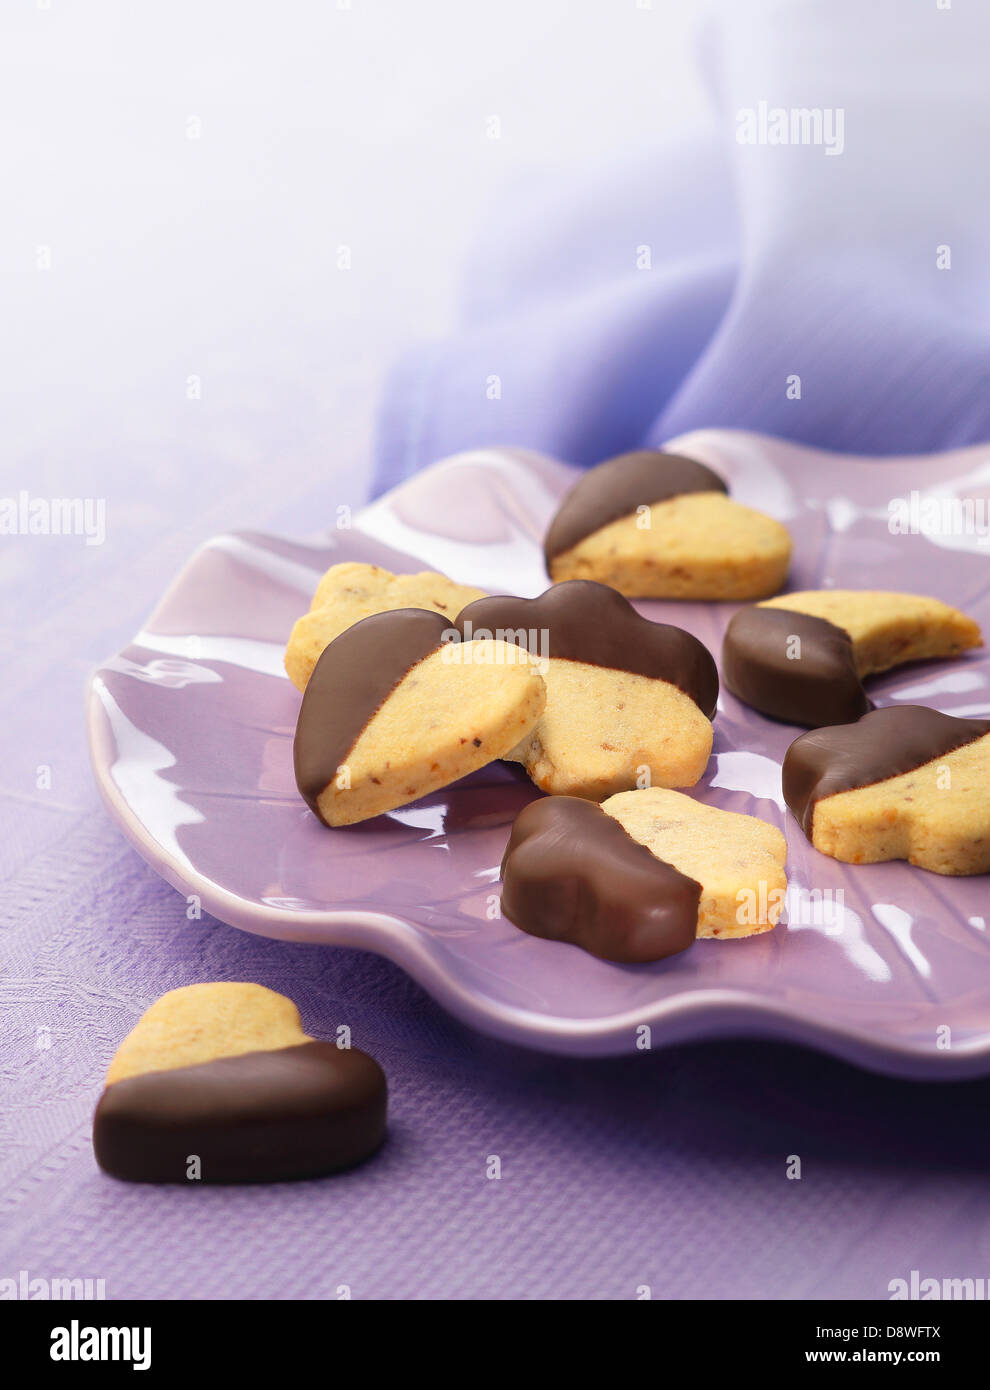 Cuore,luna e a forma di stella i cookie parzialmente ricoperte di cioccolato Immagini Stock